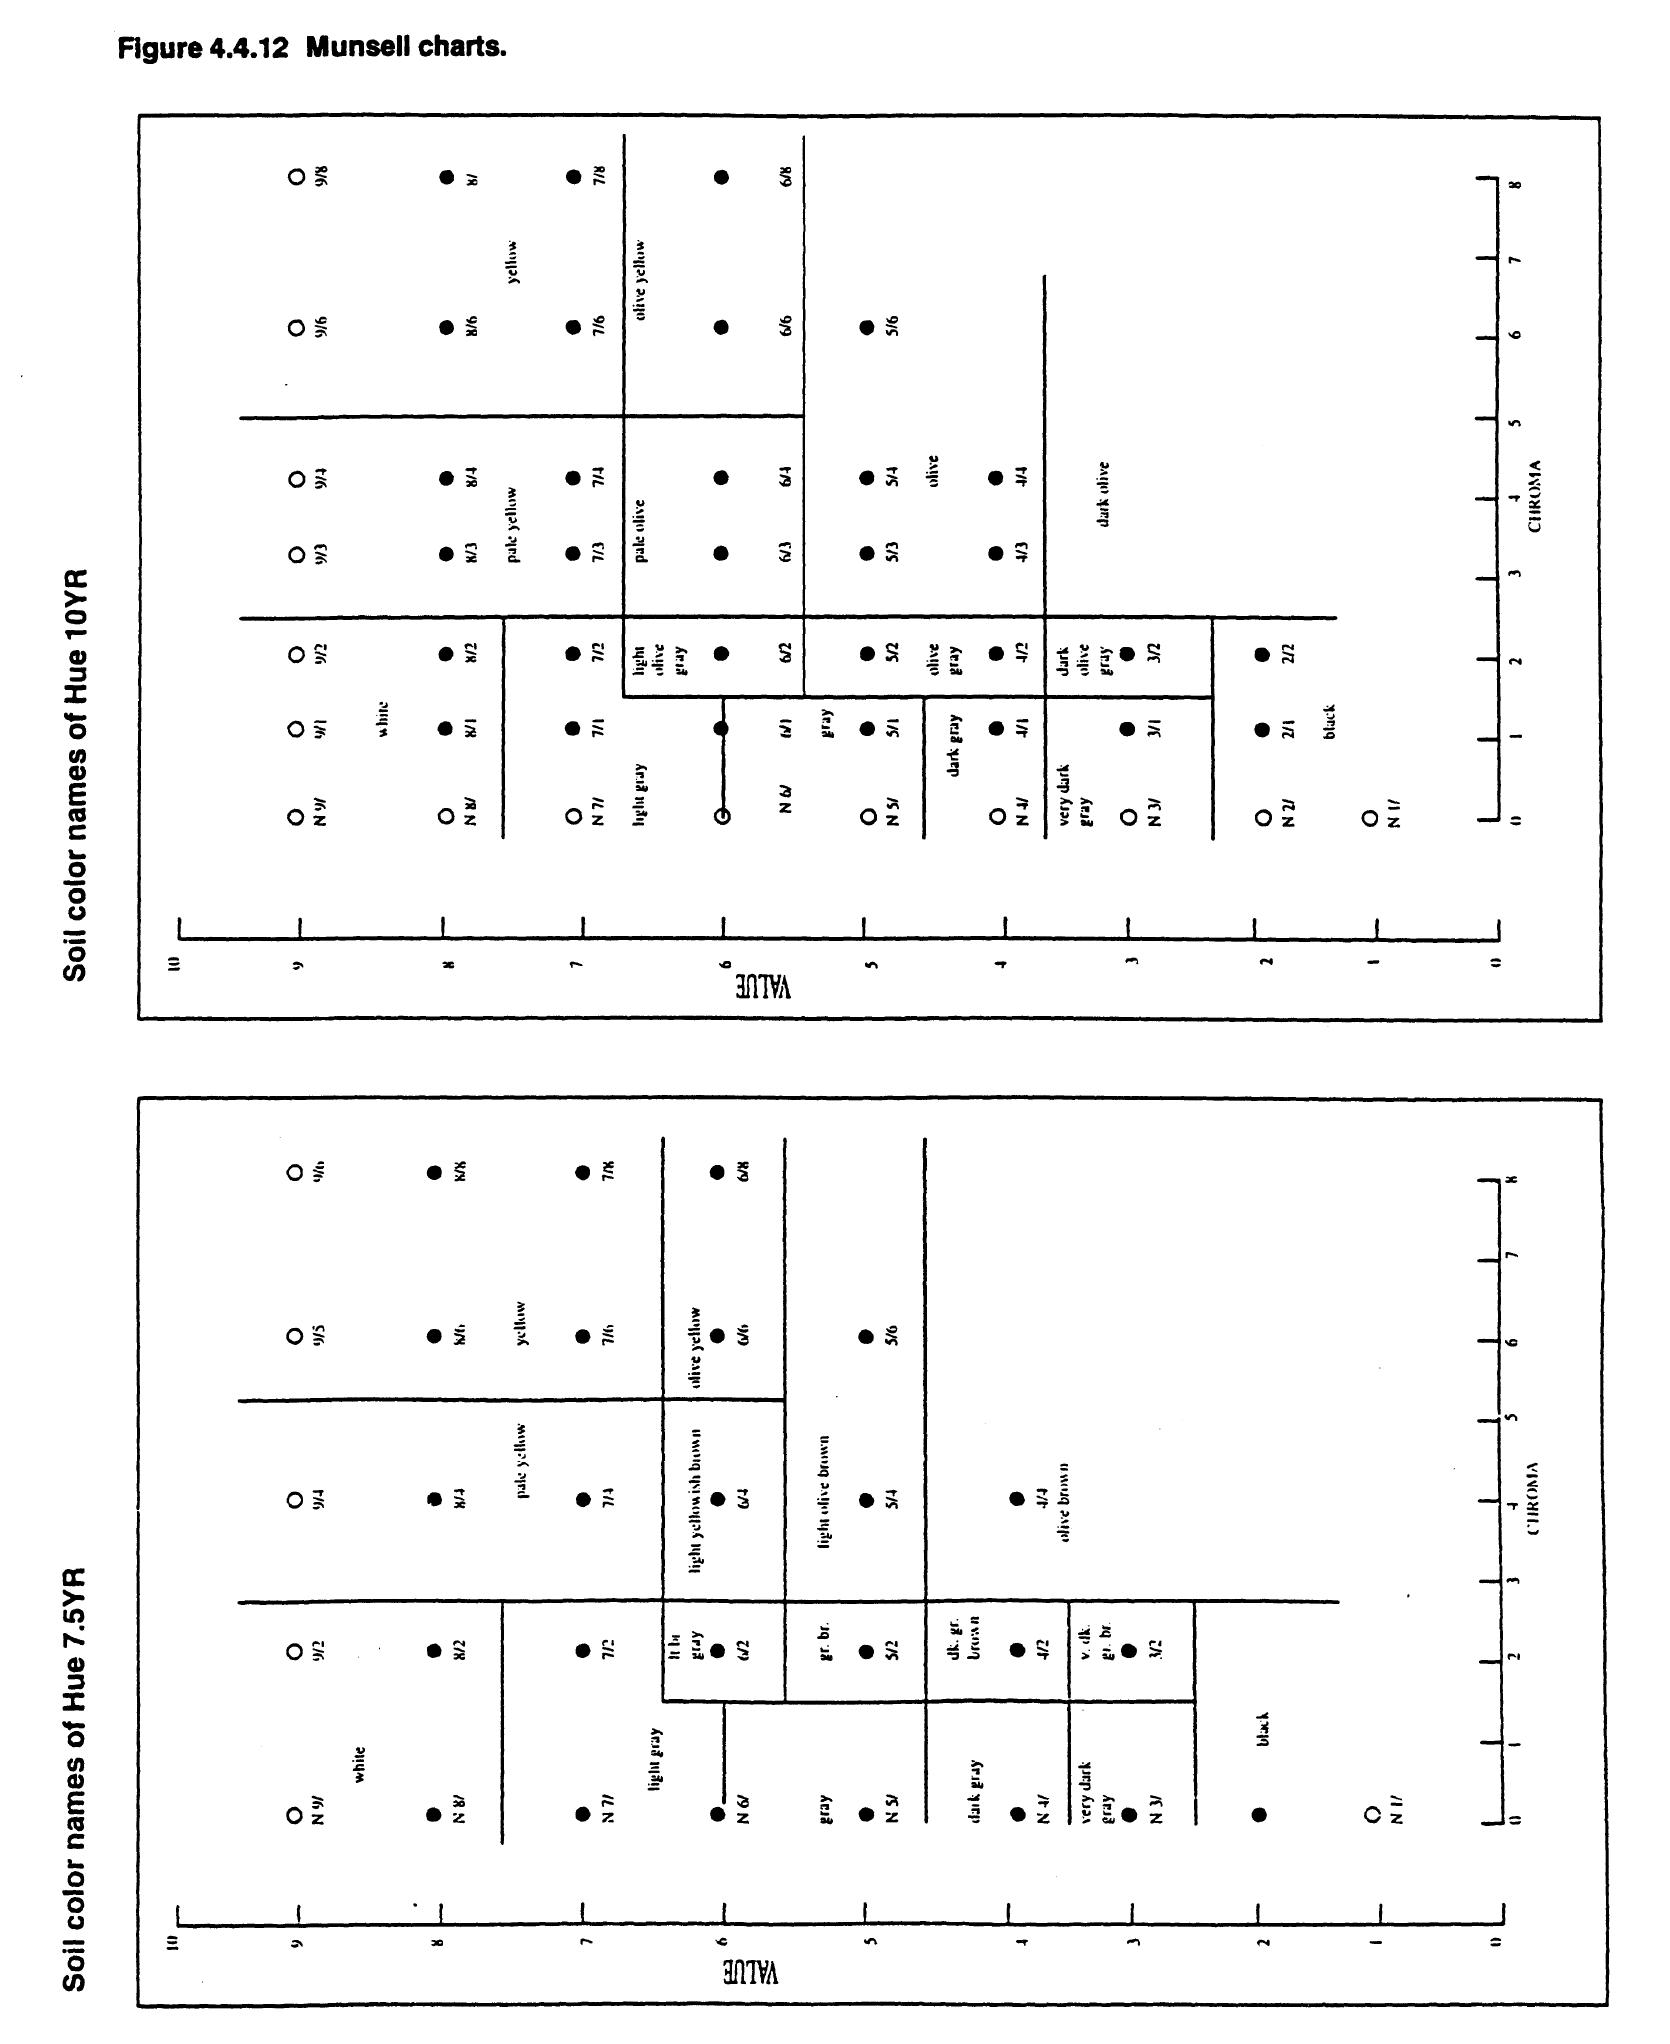 Munsell charts.